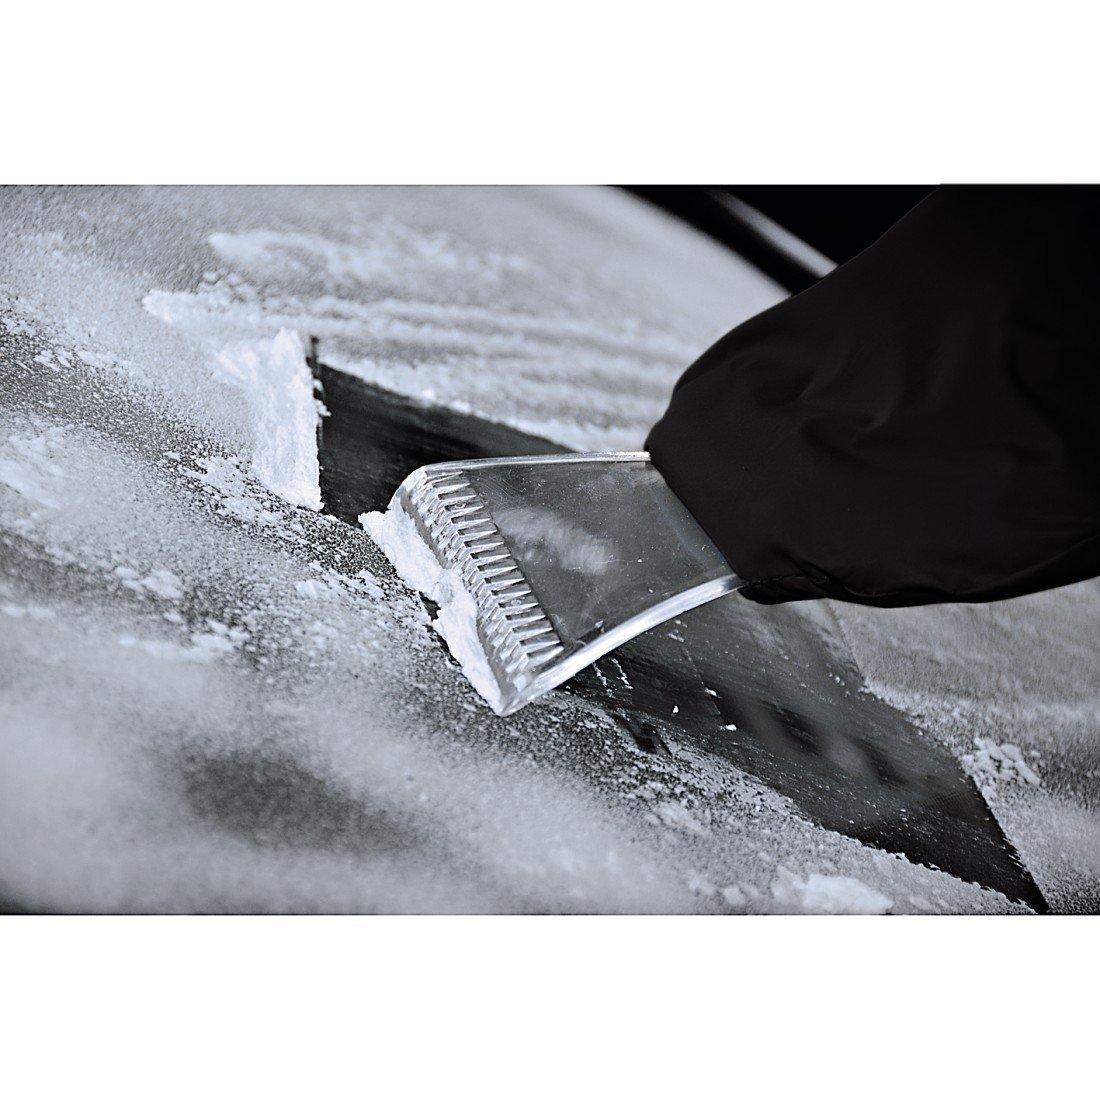 Grobach Rasqueta de hielo con guante incorporado no se te volver/án a congelar los dedos mientras eliminas el hielo de las ventanillas de tu autom/óvil